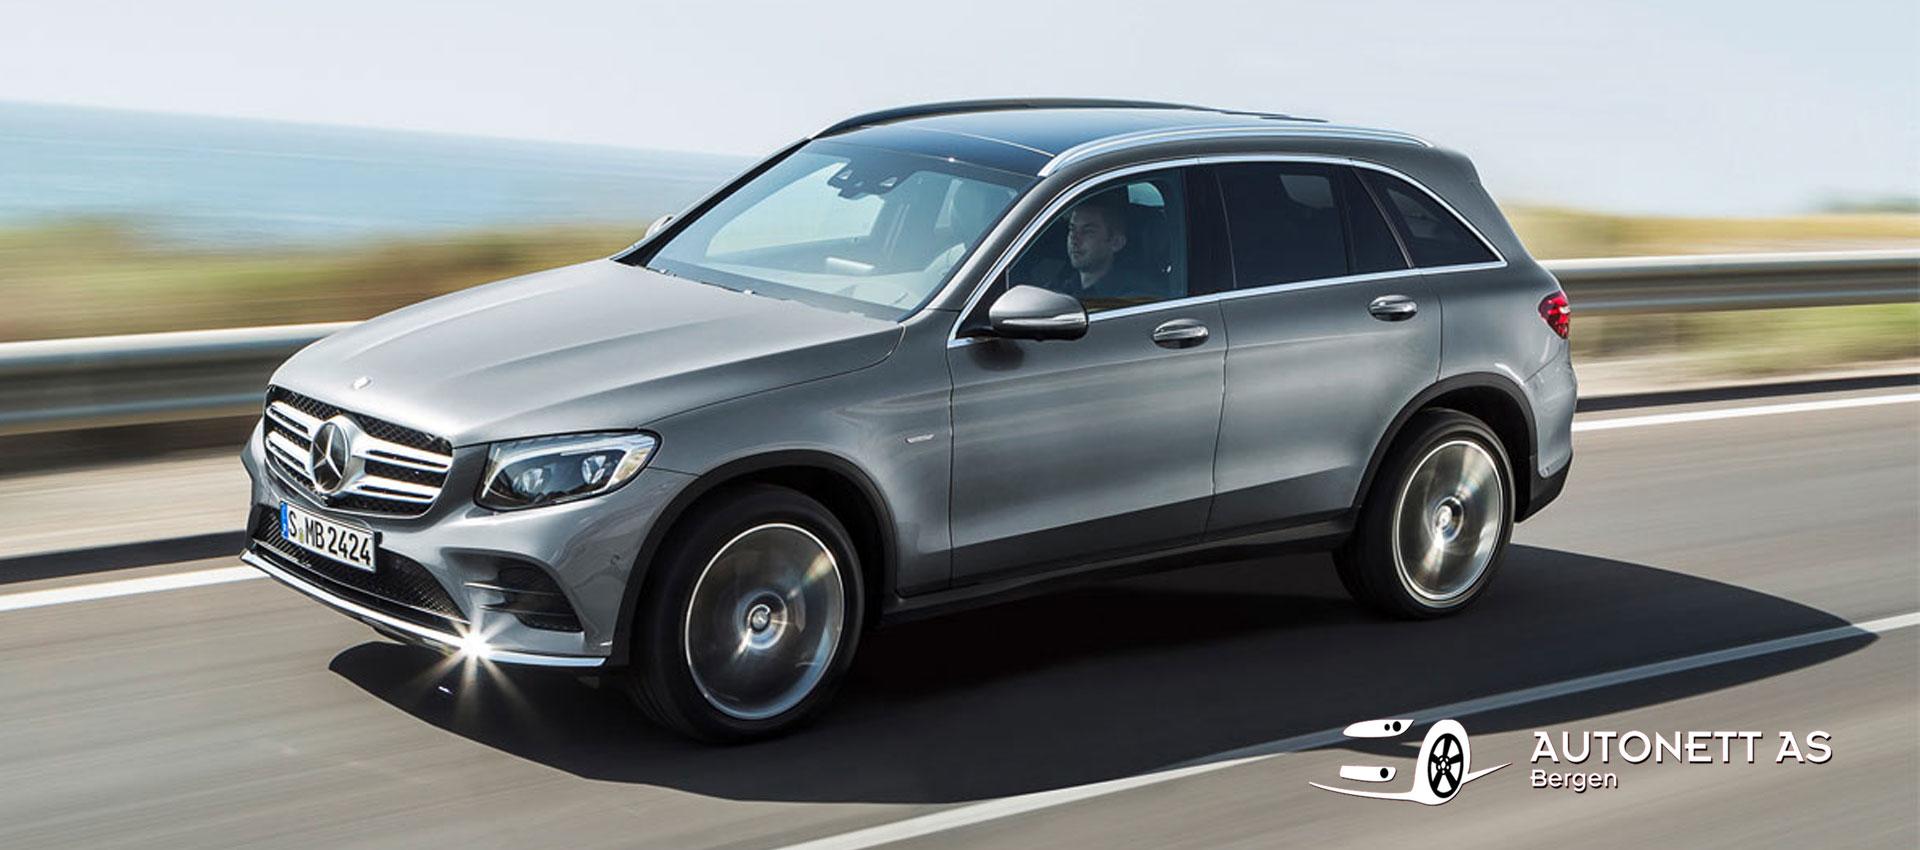 Ladbaer hybridbiler er årets vinner